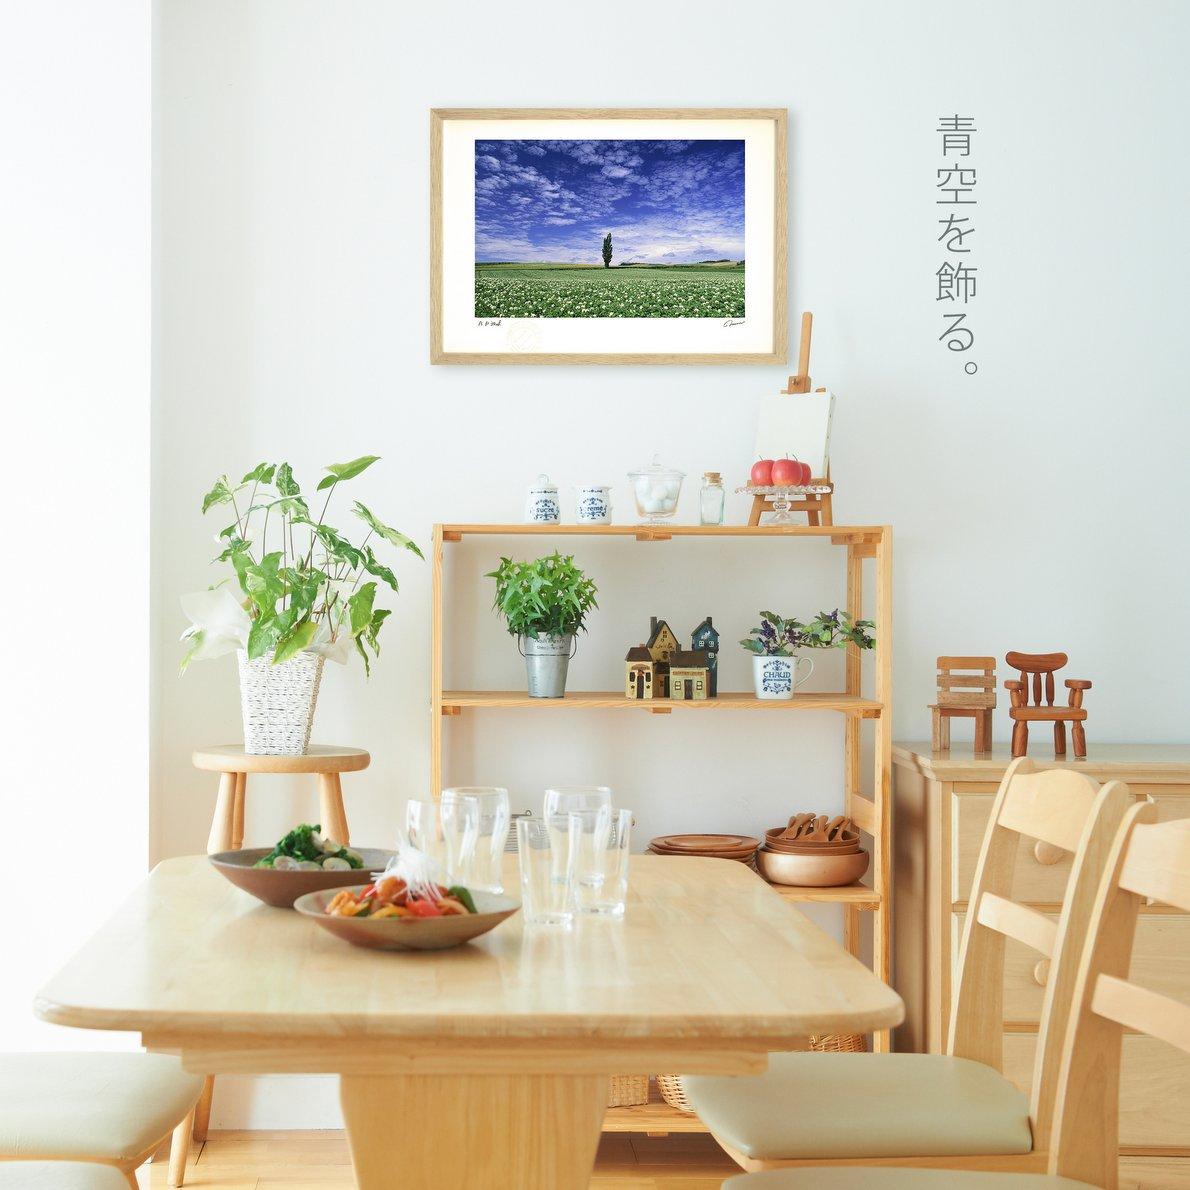 《アートフォト》【ベスト】サンピラー4/美瑛町〔富良野・高橋真澄〕(レンタル対象)